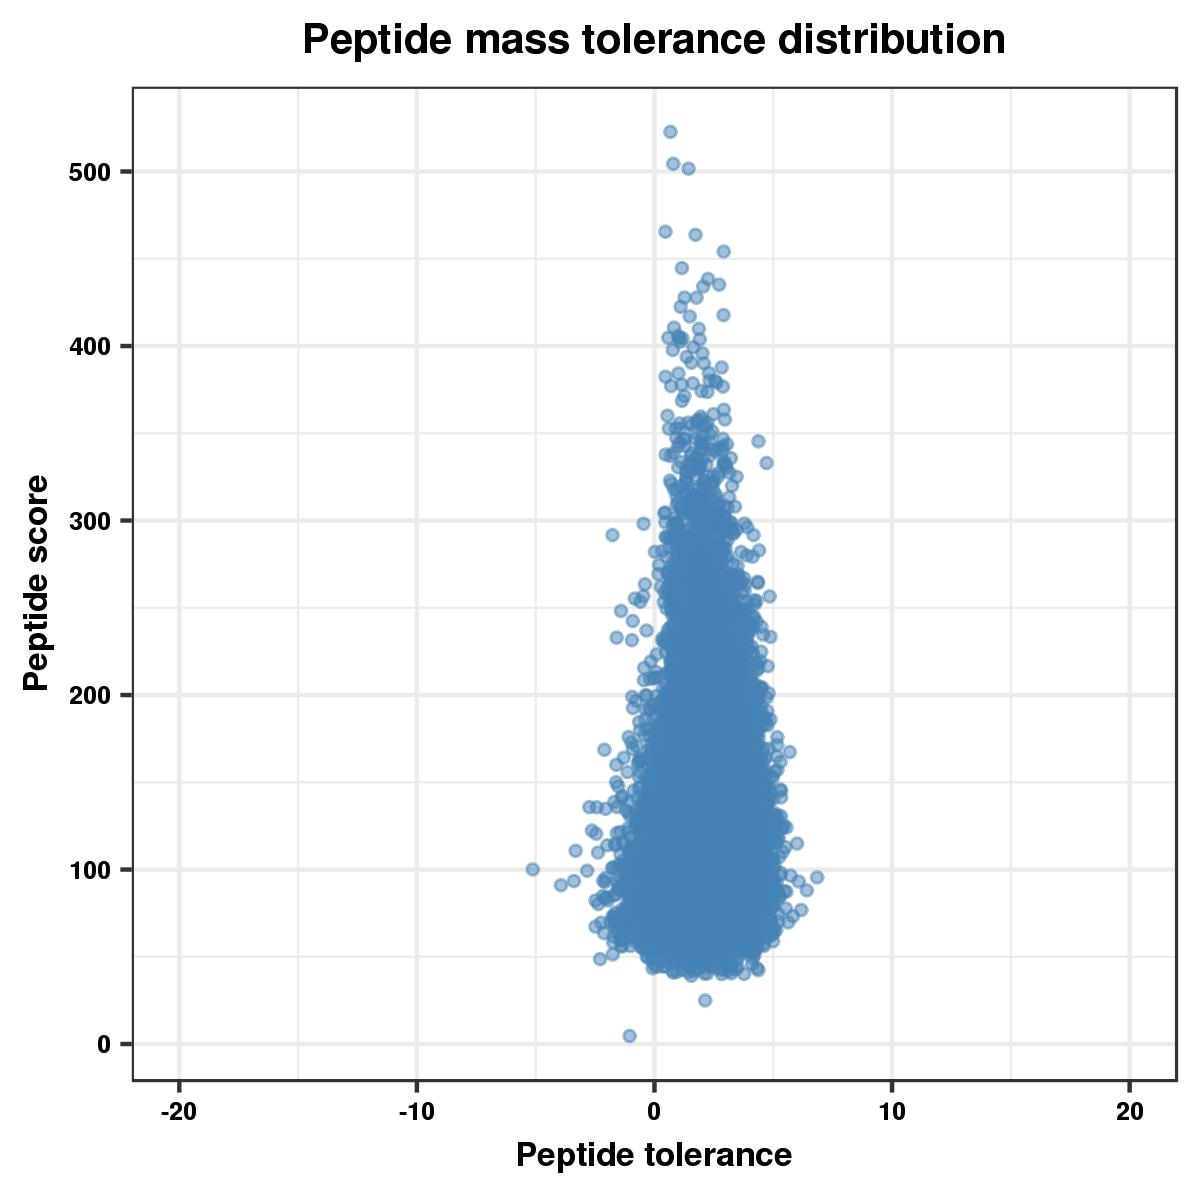 肽段质量误差分布分析